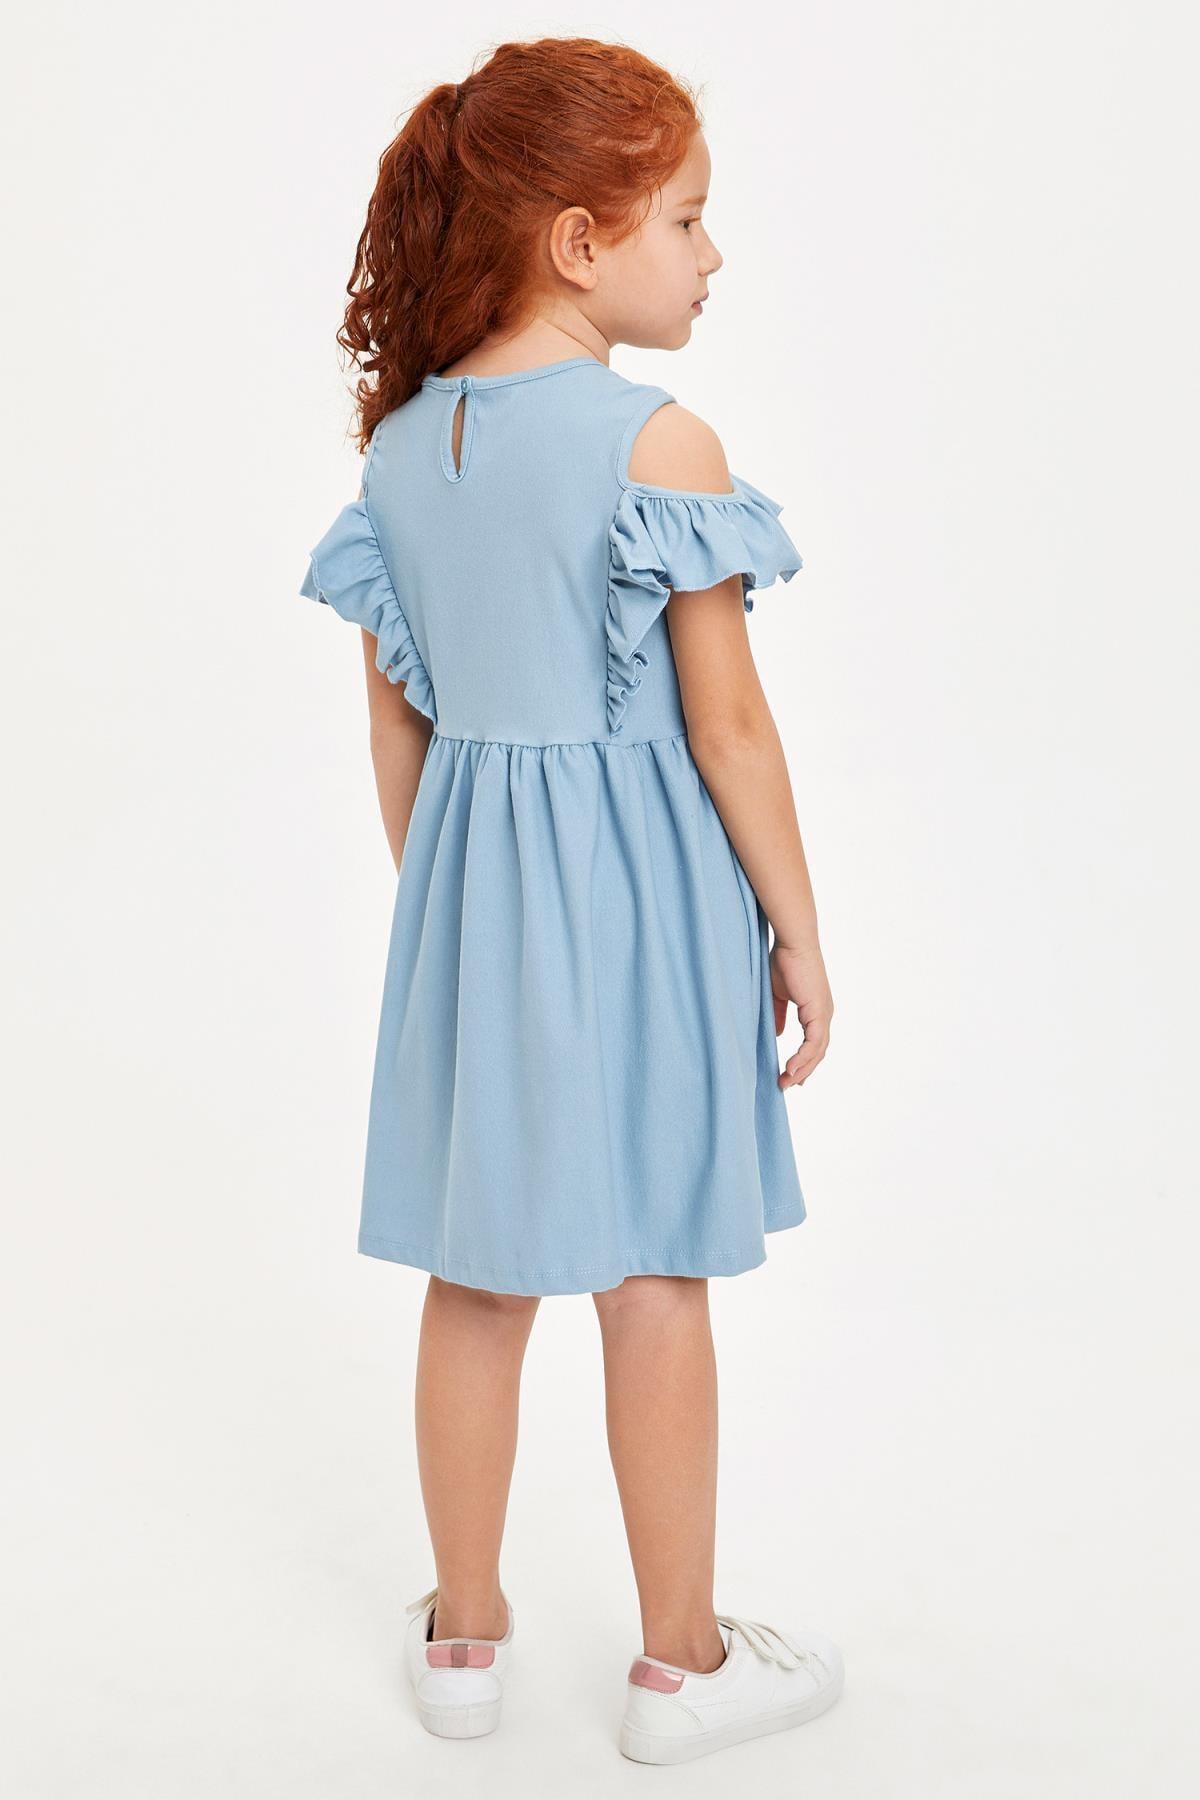 Defacto Kız Çocuk Baskılı Kol Detaylı Örme Elbise 3